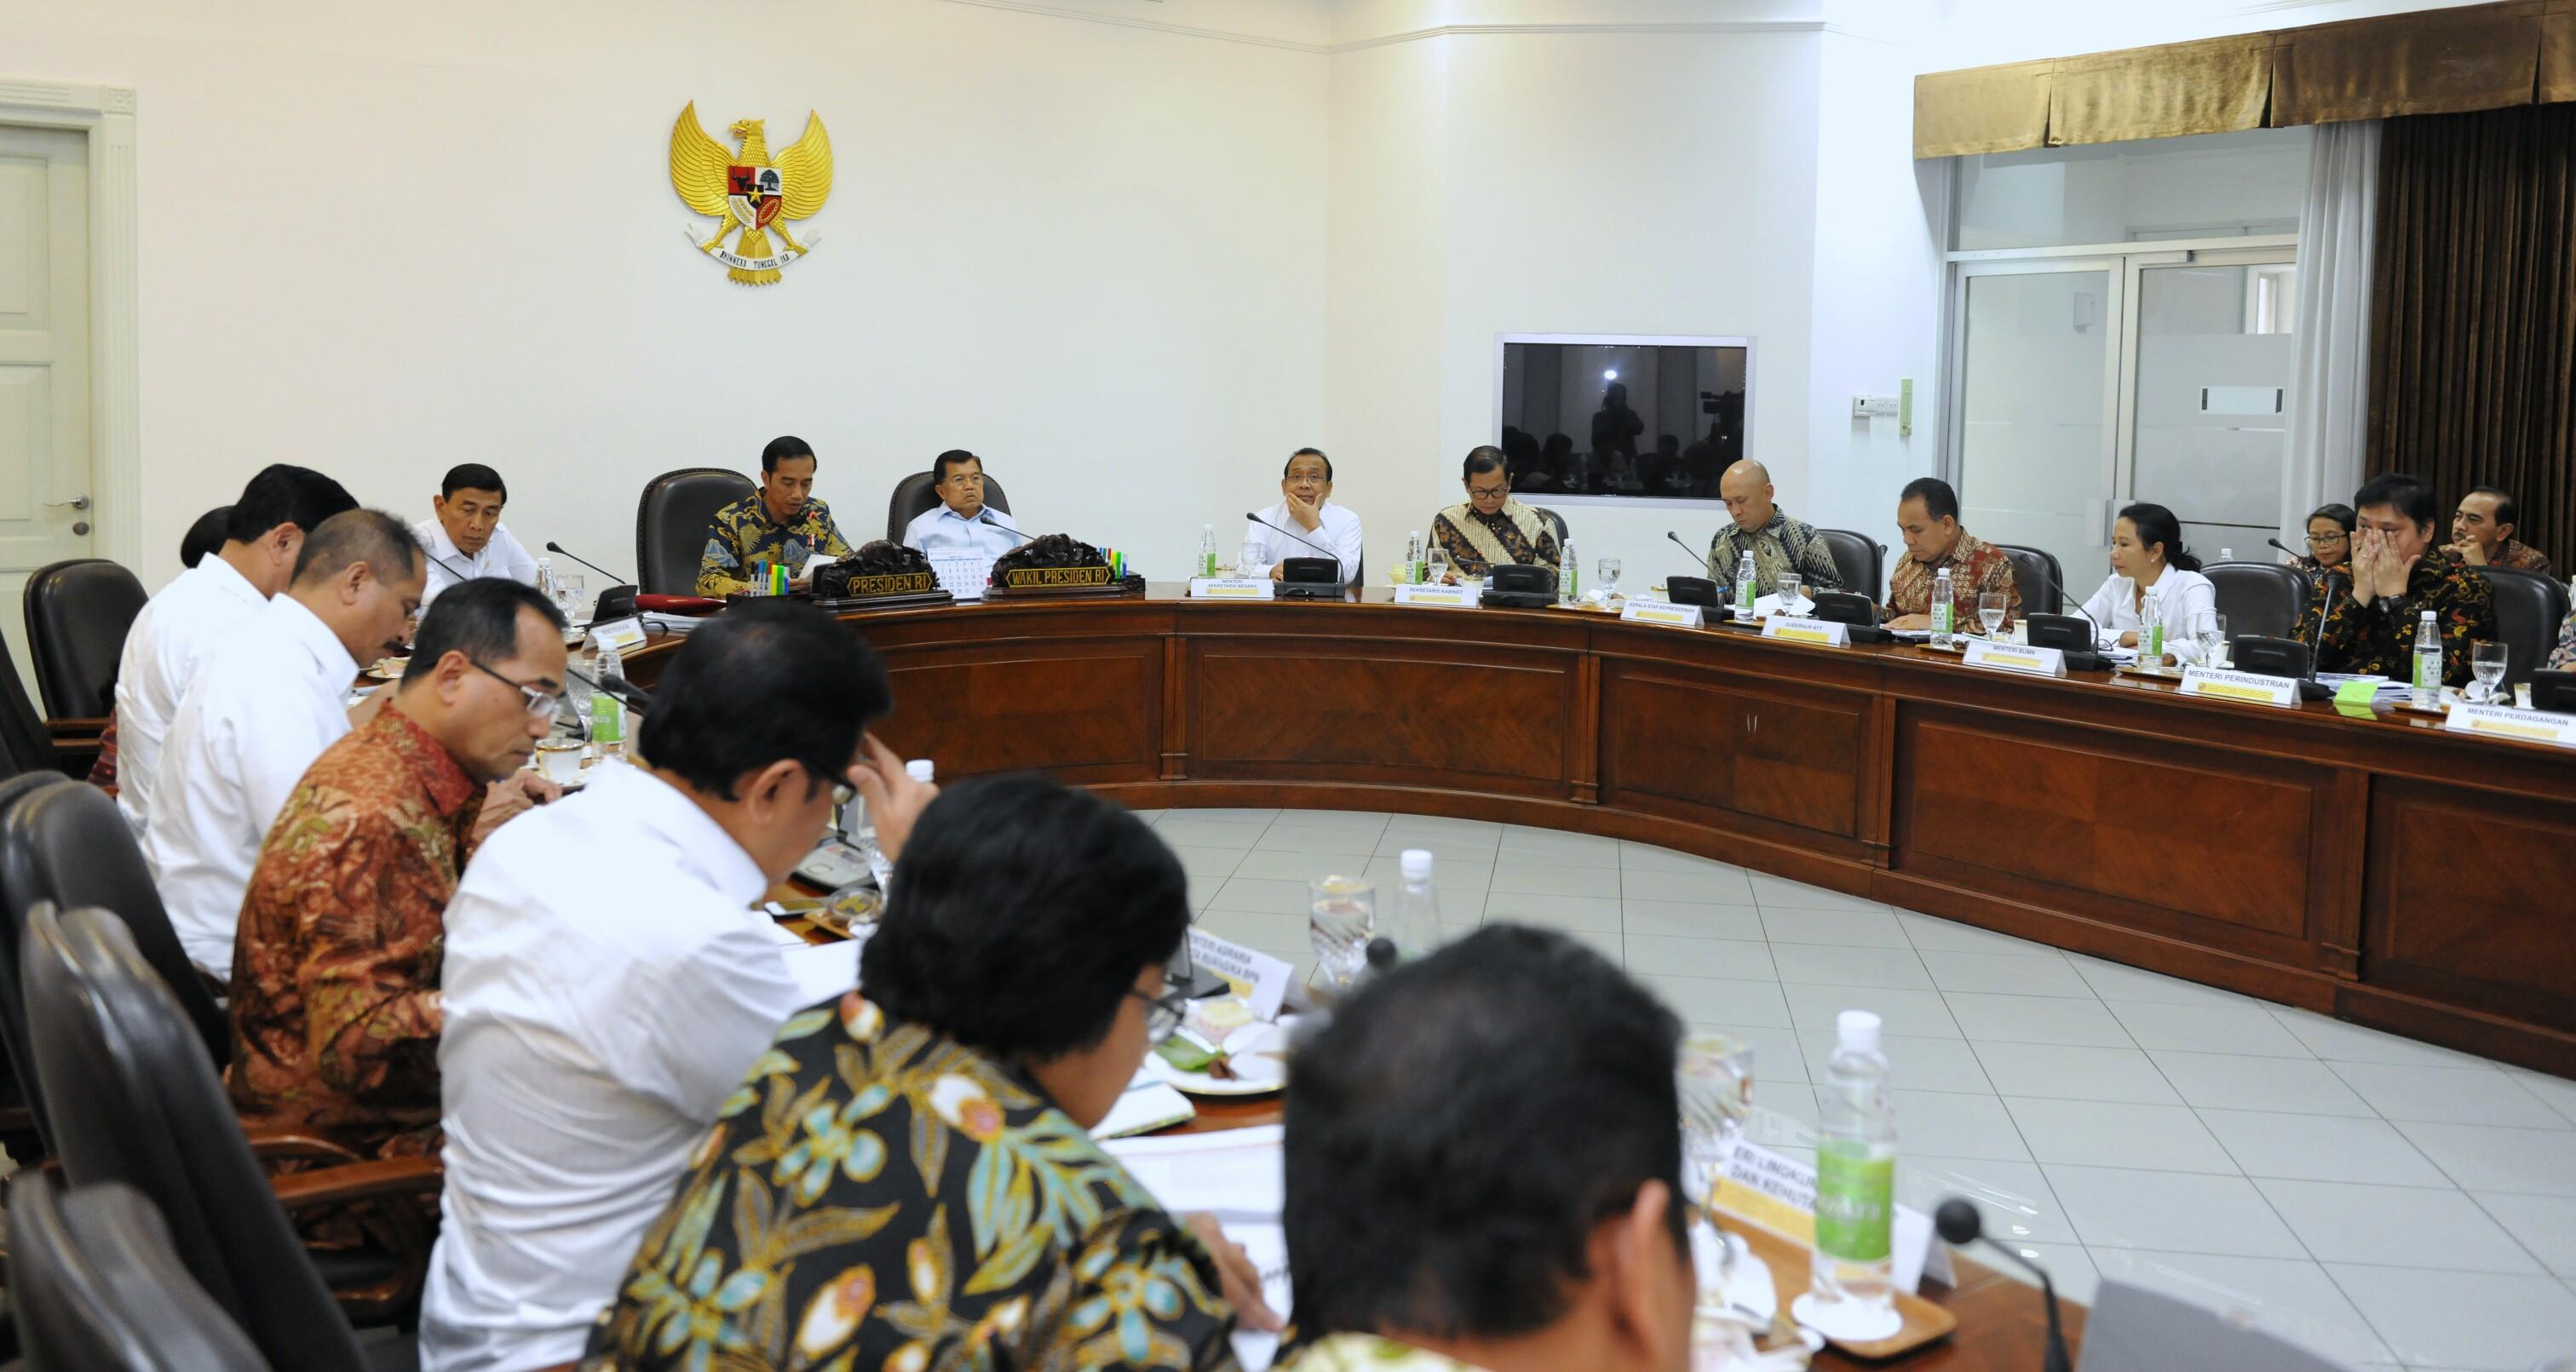 Presiden Jokowi memimpin rapat terbatas tentang Evaluasi Pelaksanaan Proyek Strategis Nasional dan Program Prioritas di Provinsi NTT, di Kantor Presiden, Jakarta, Kamis (16/2) sore. (Foto: Deny S/Humas)